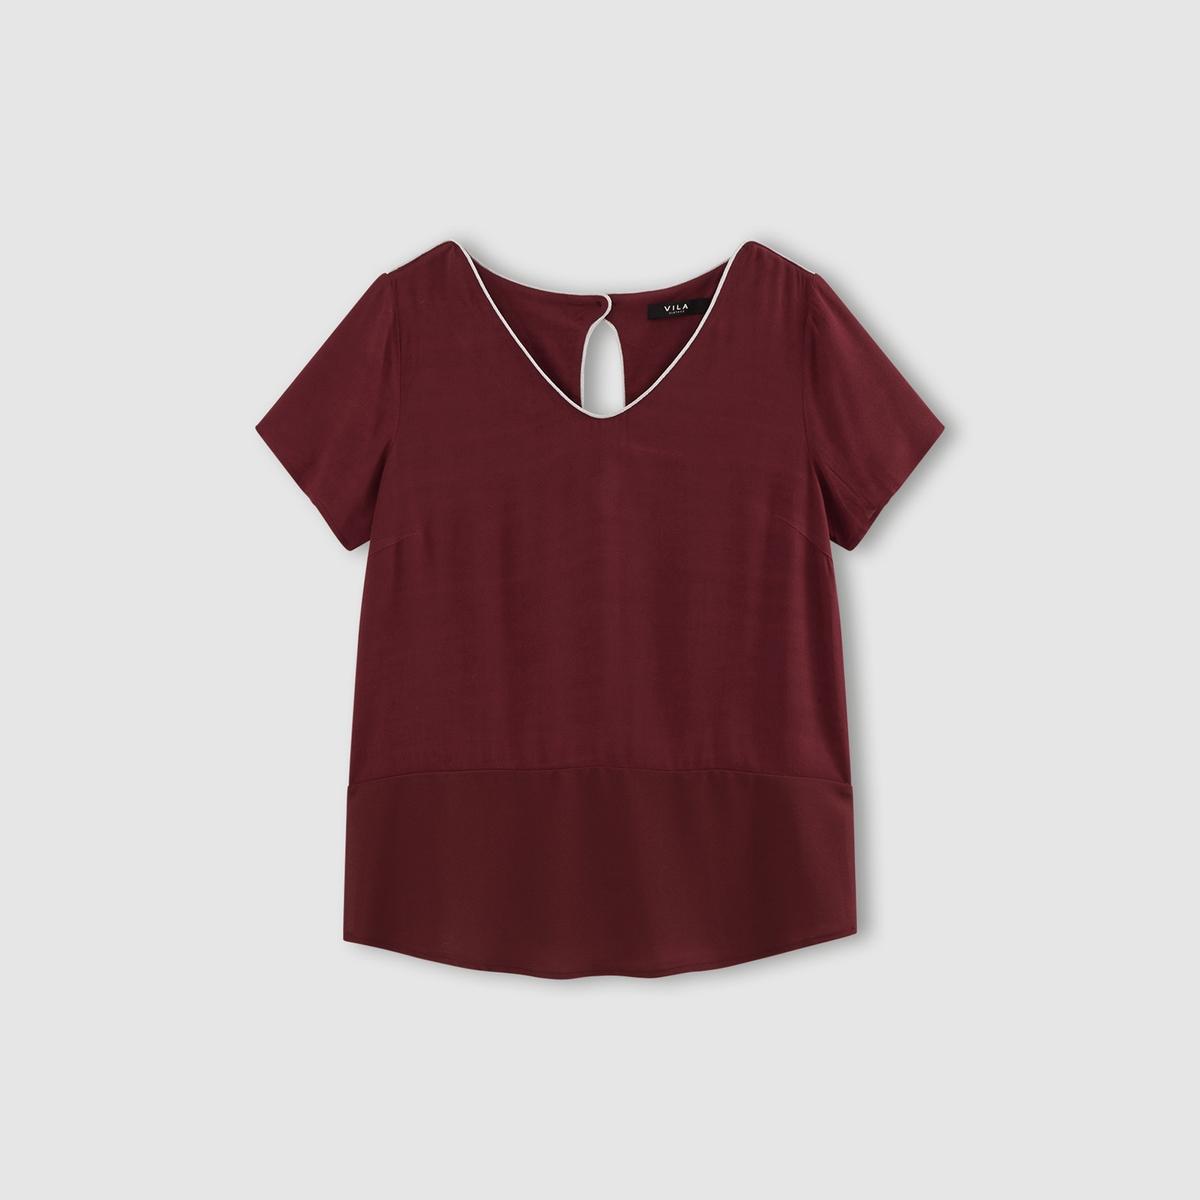 Блузка с короткими рукавами, VIVENTAСостав и описаниеМарка : VILA.Модель : VIVENTA Материал : 100% вискозы<br><br>Цвет: бордовый